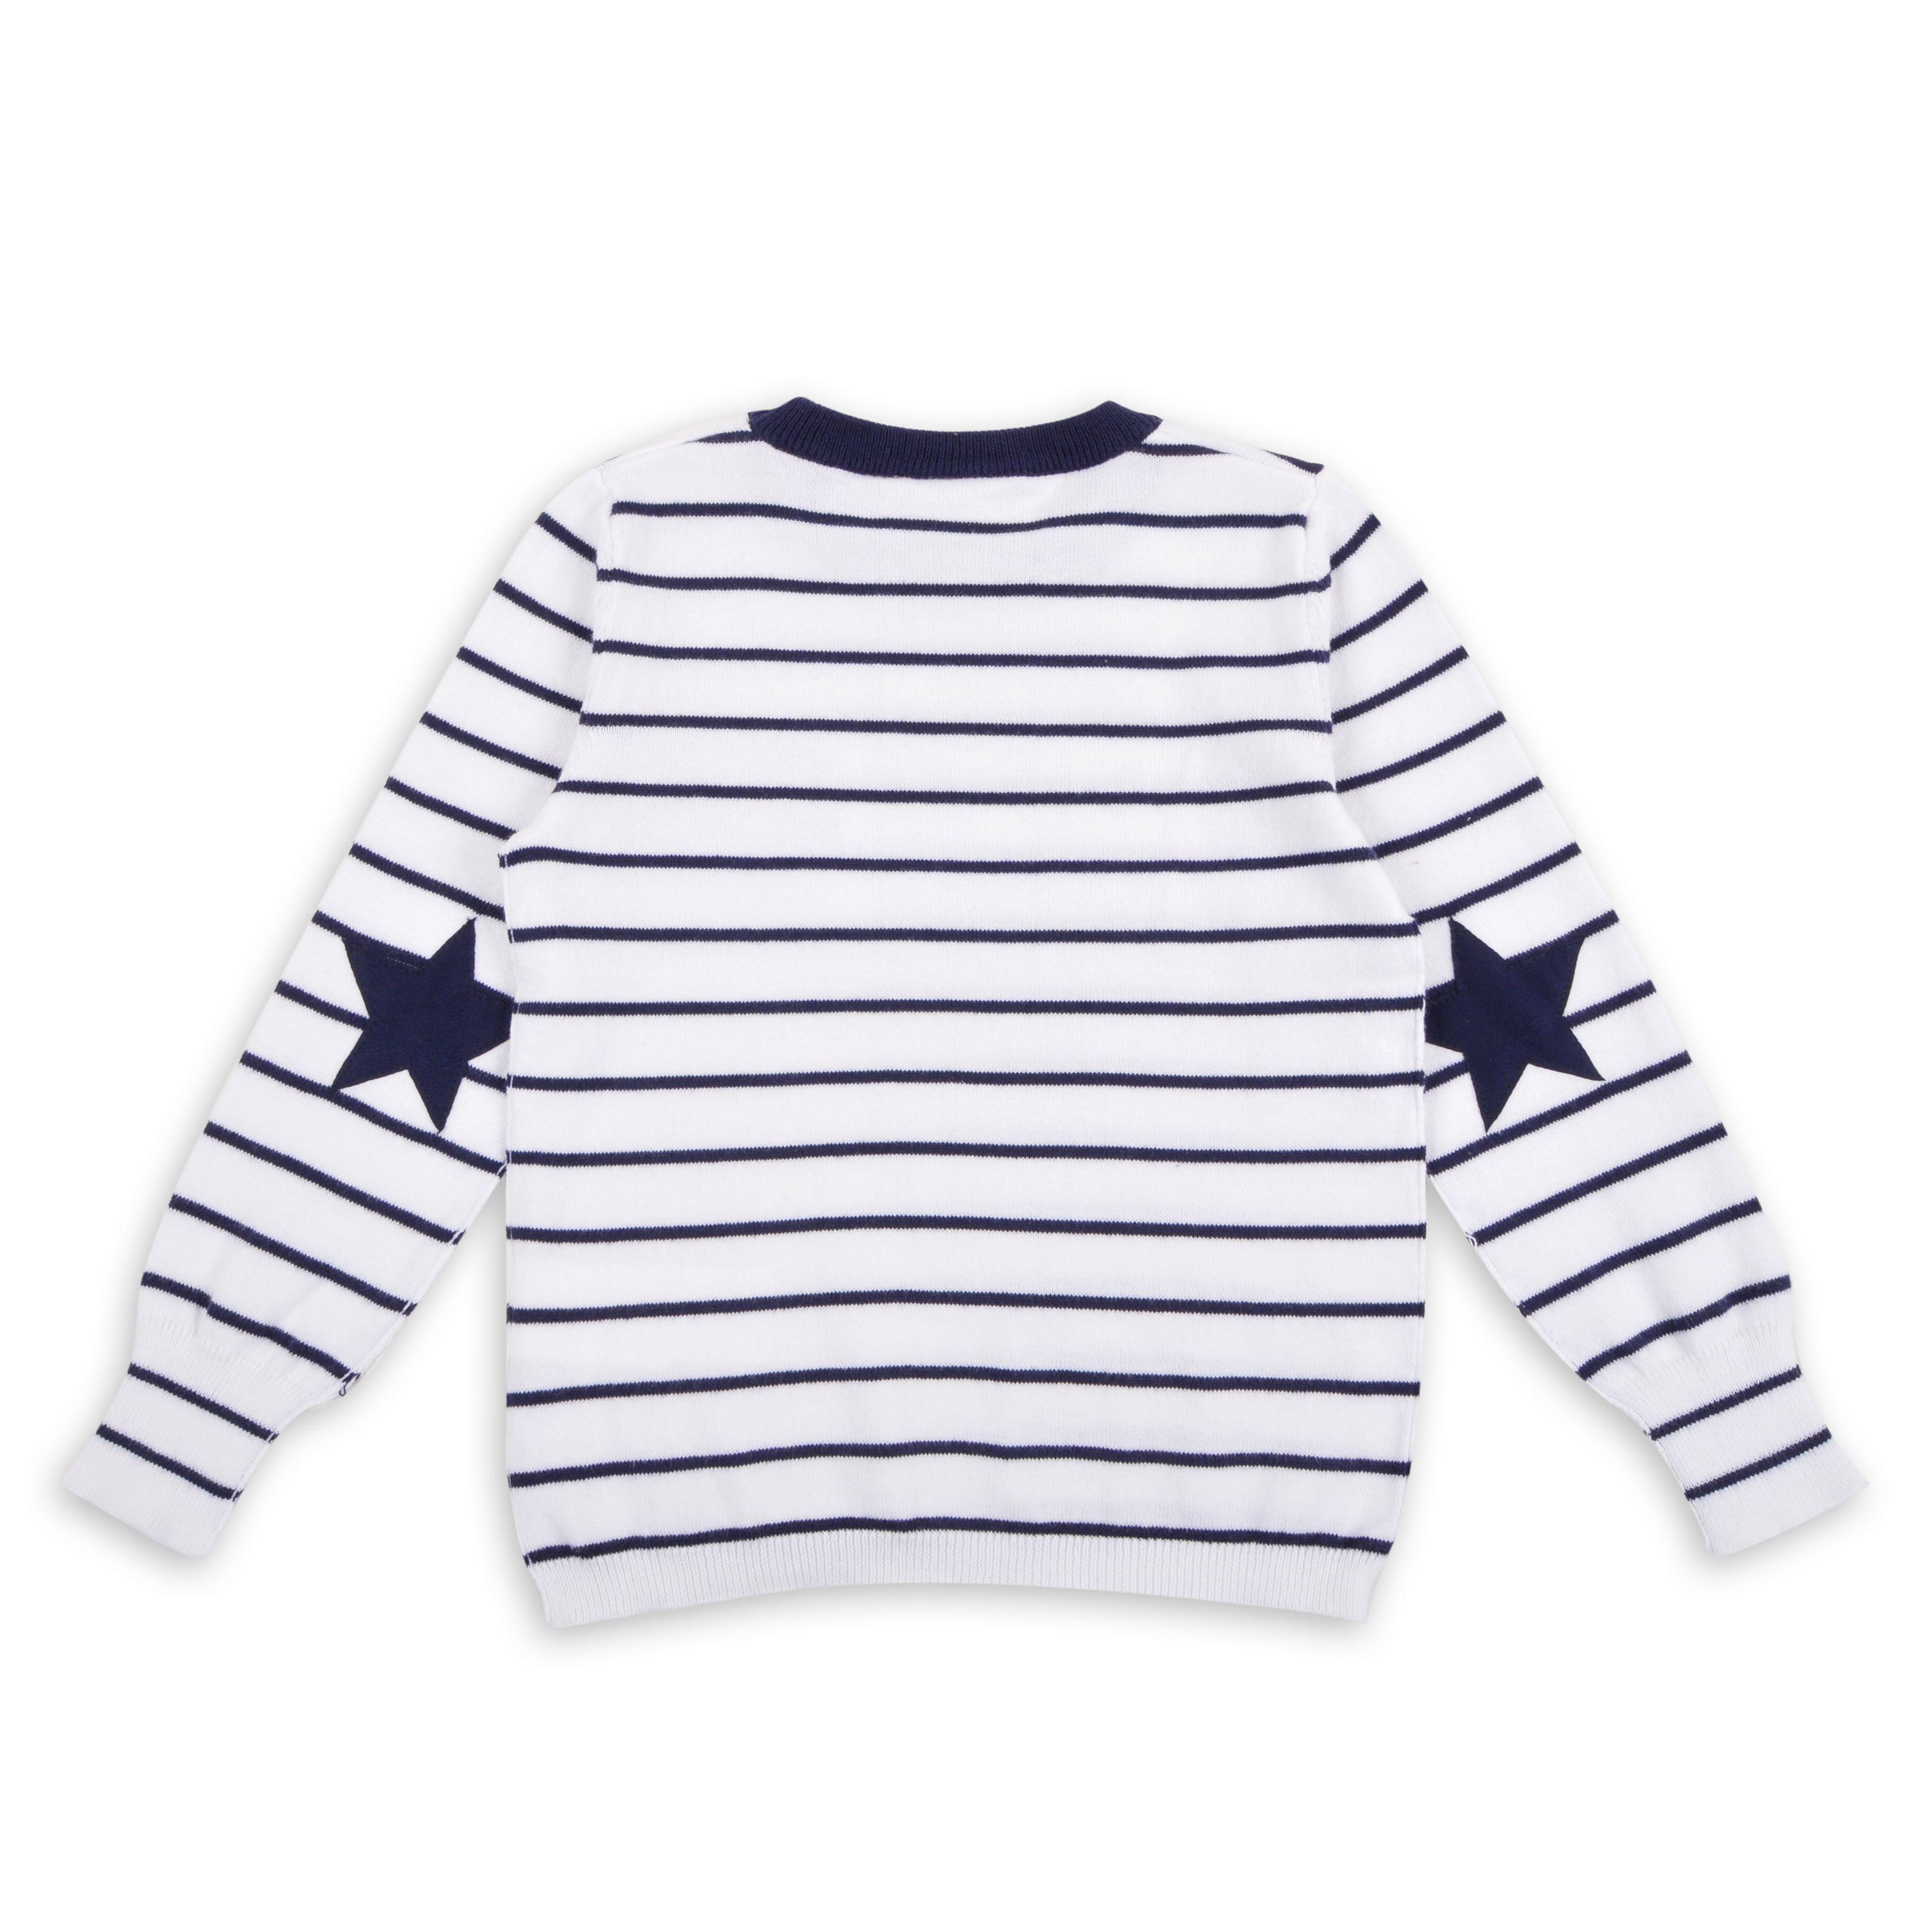 04e86d530 Sueter de rayas navy con estrellas - EPK | infantil | Ropa, Chaqueta ...